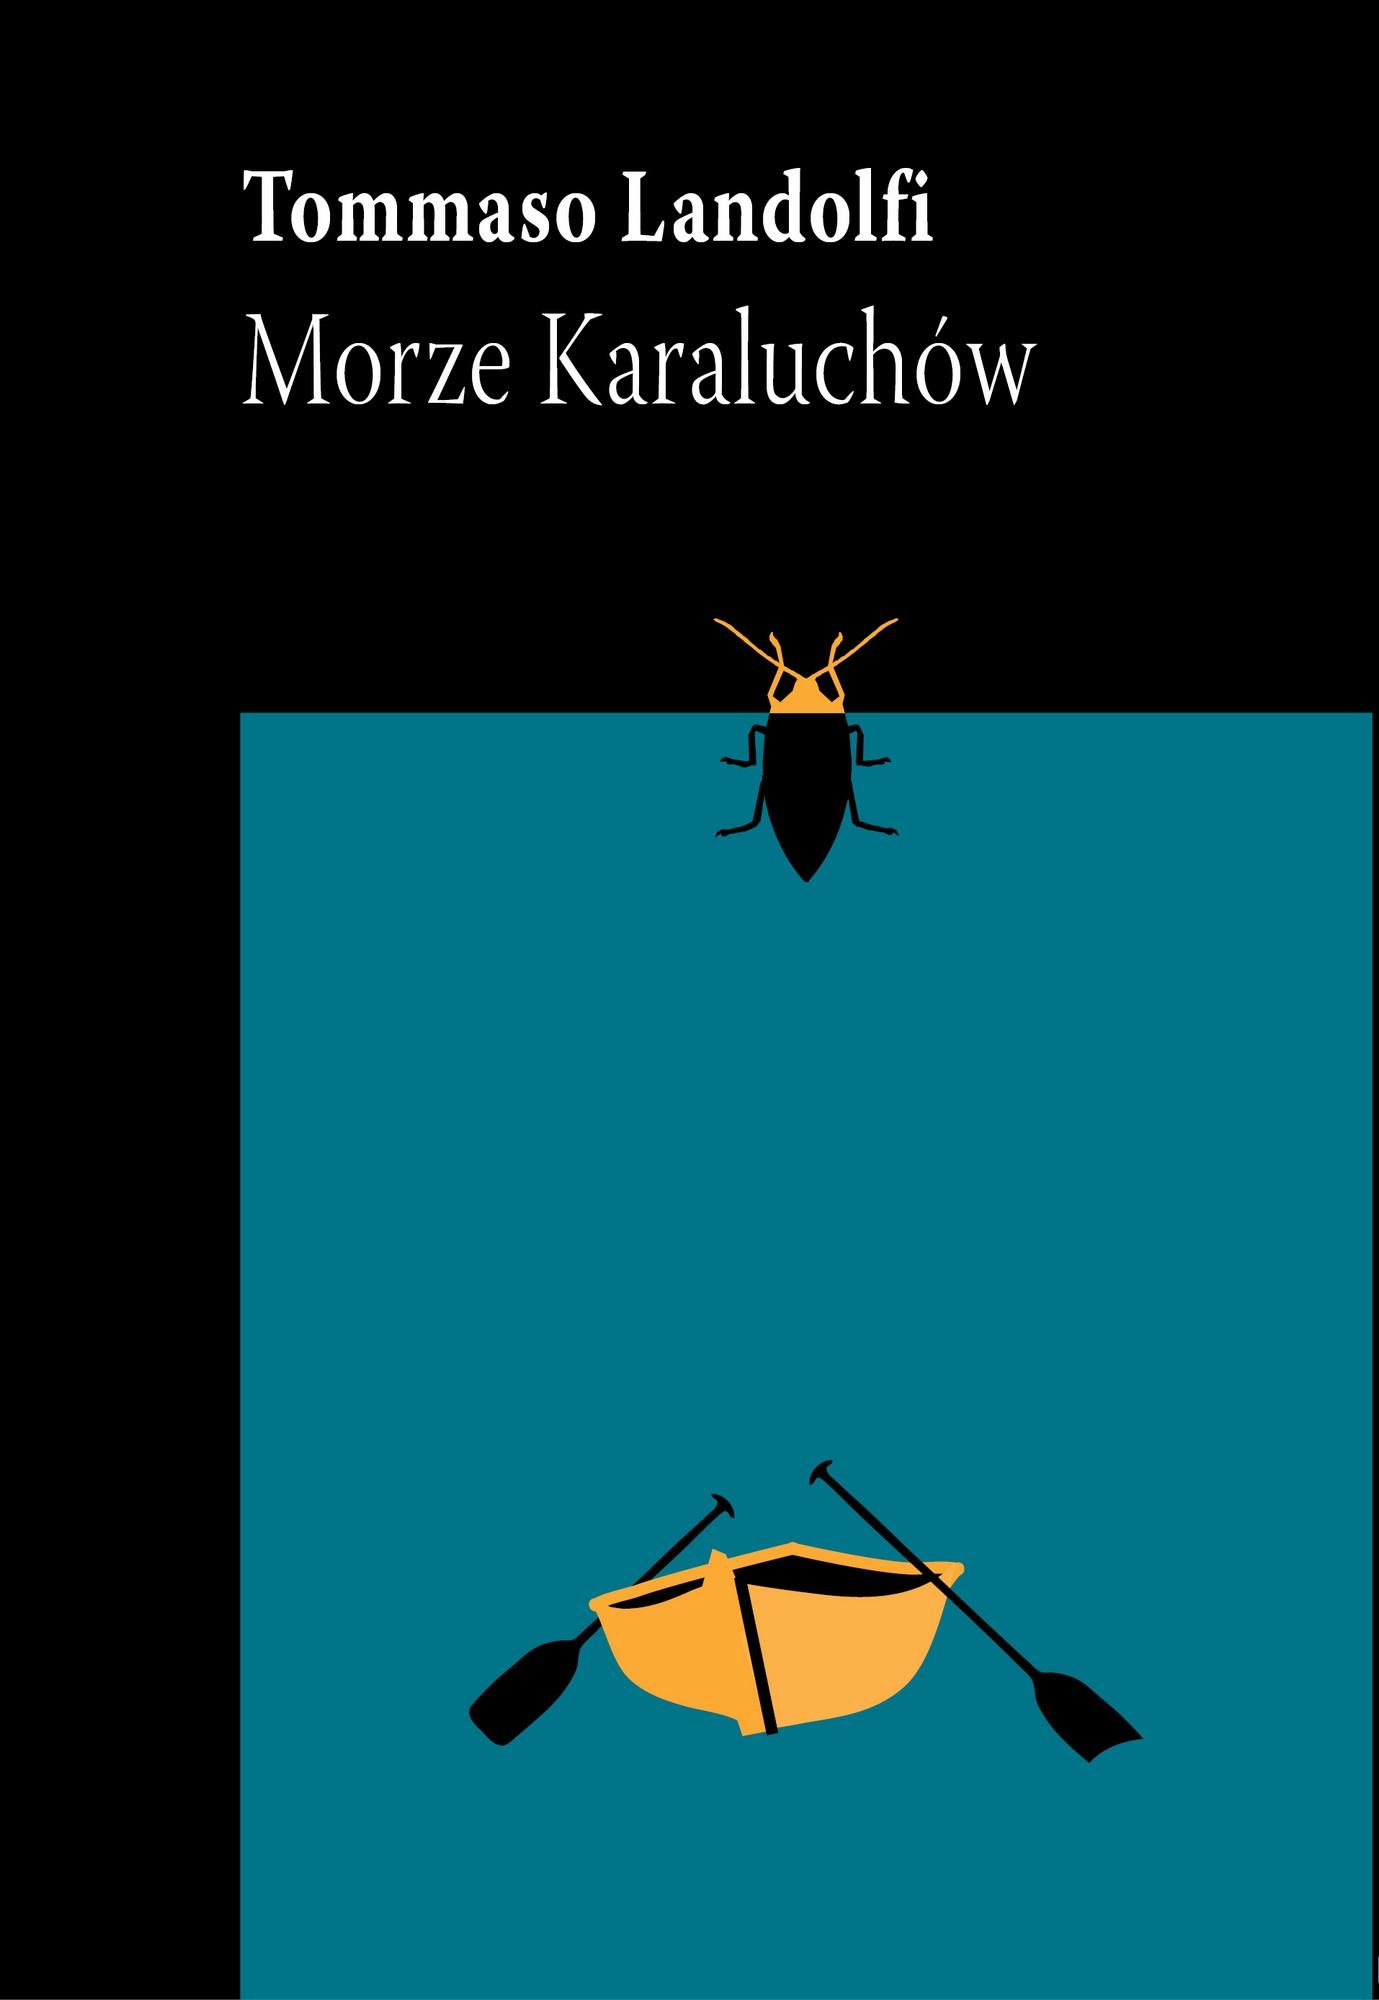 """Tommaso Landolfi, """"Morze Karalachów"""", okładka (źródło: materiały prasowe wydawcy)"""